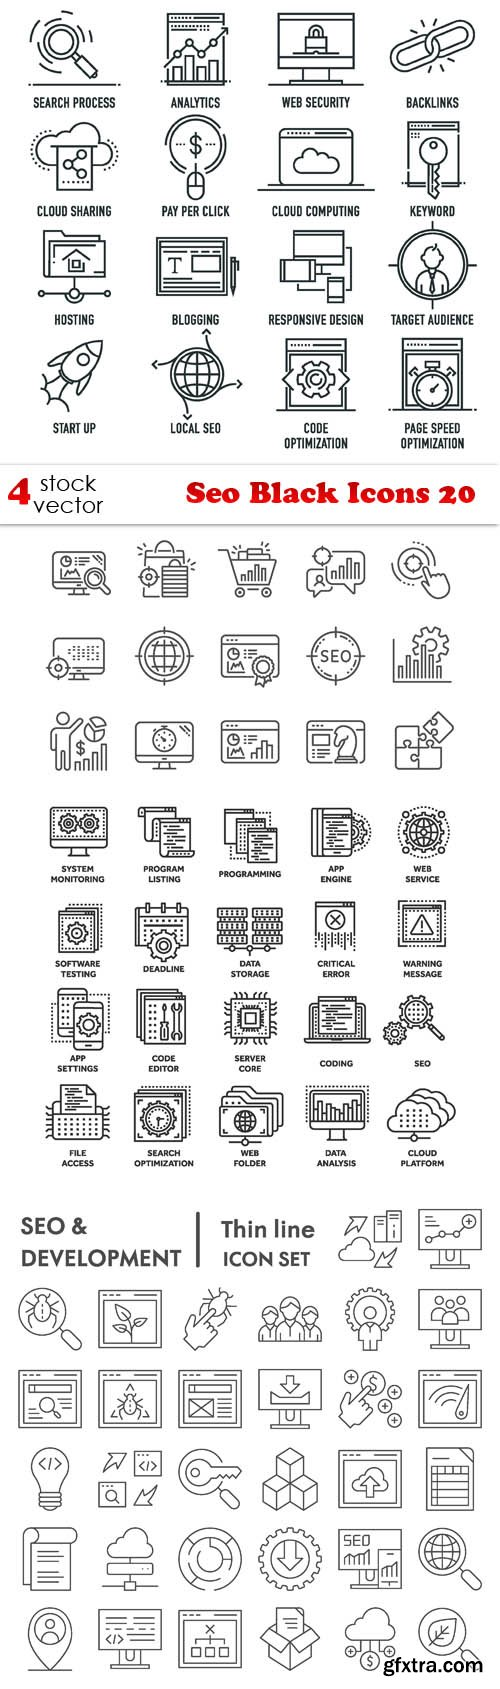 Vectors - Seo Black Icons 20